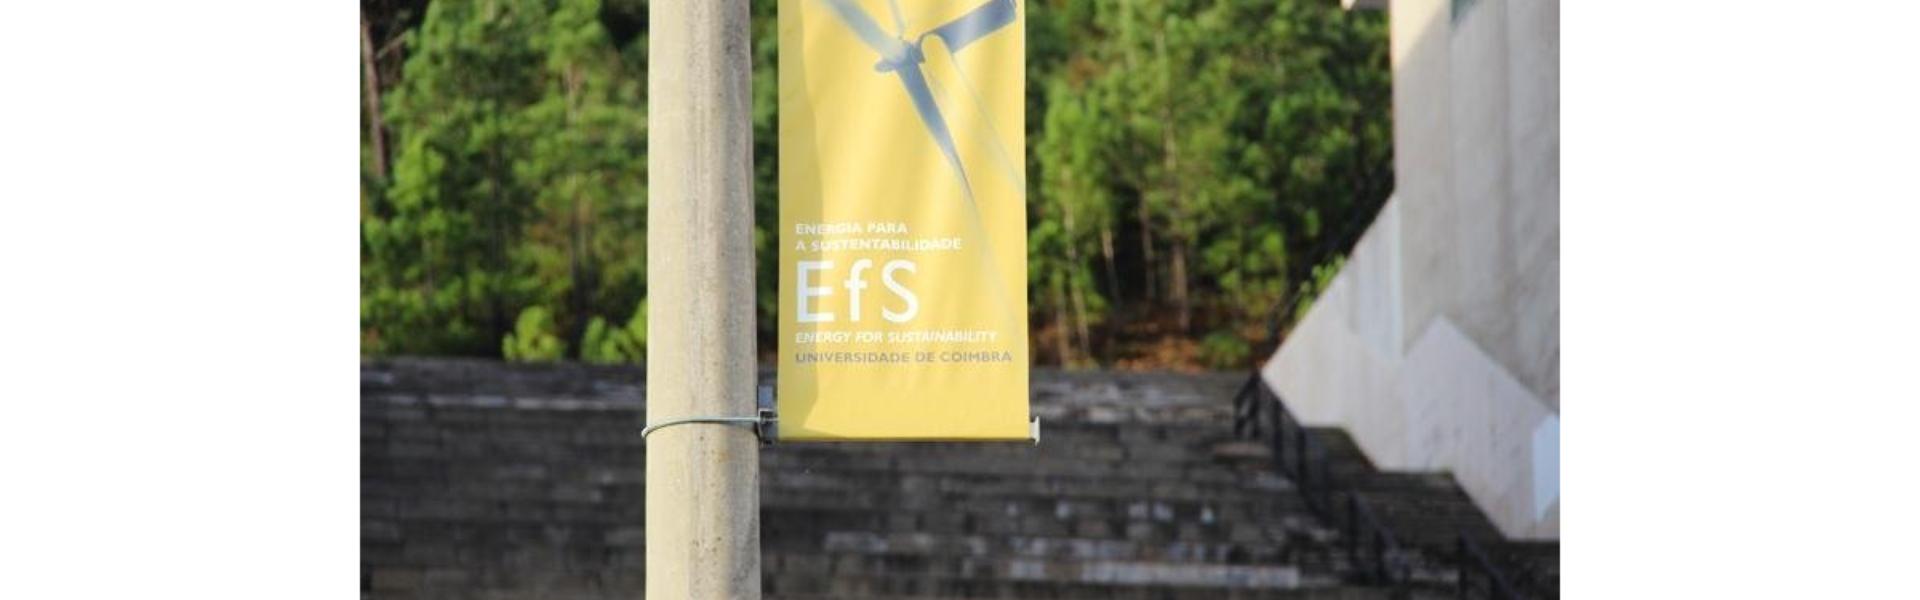 """A Iniciativa EfS parte da rede colaborativa do projeto """"Campus Europeu das Cidades Universitárias - EC2U"""""""